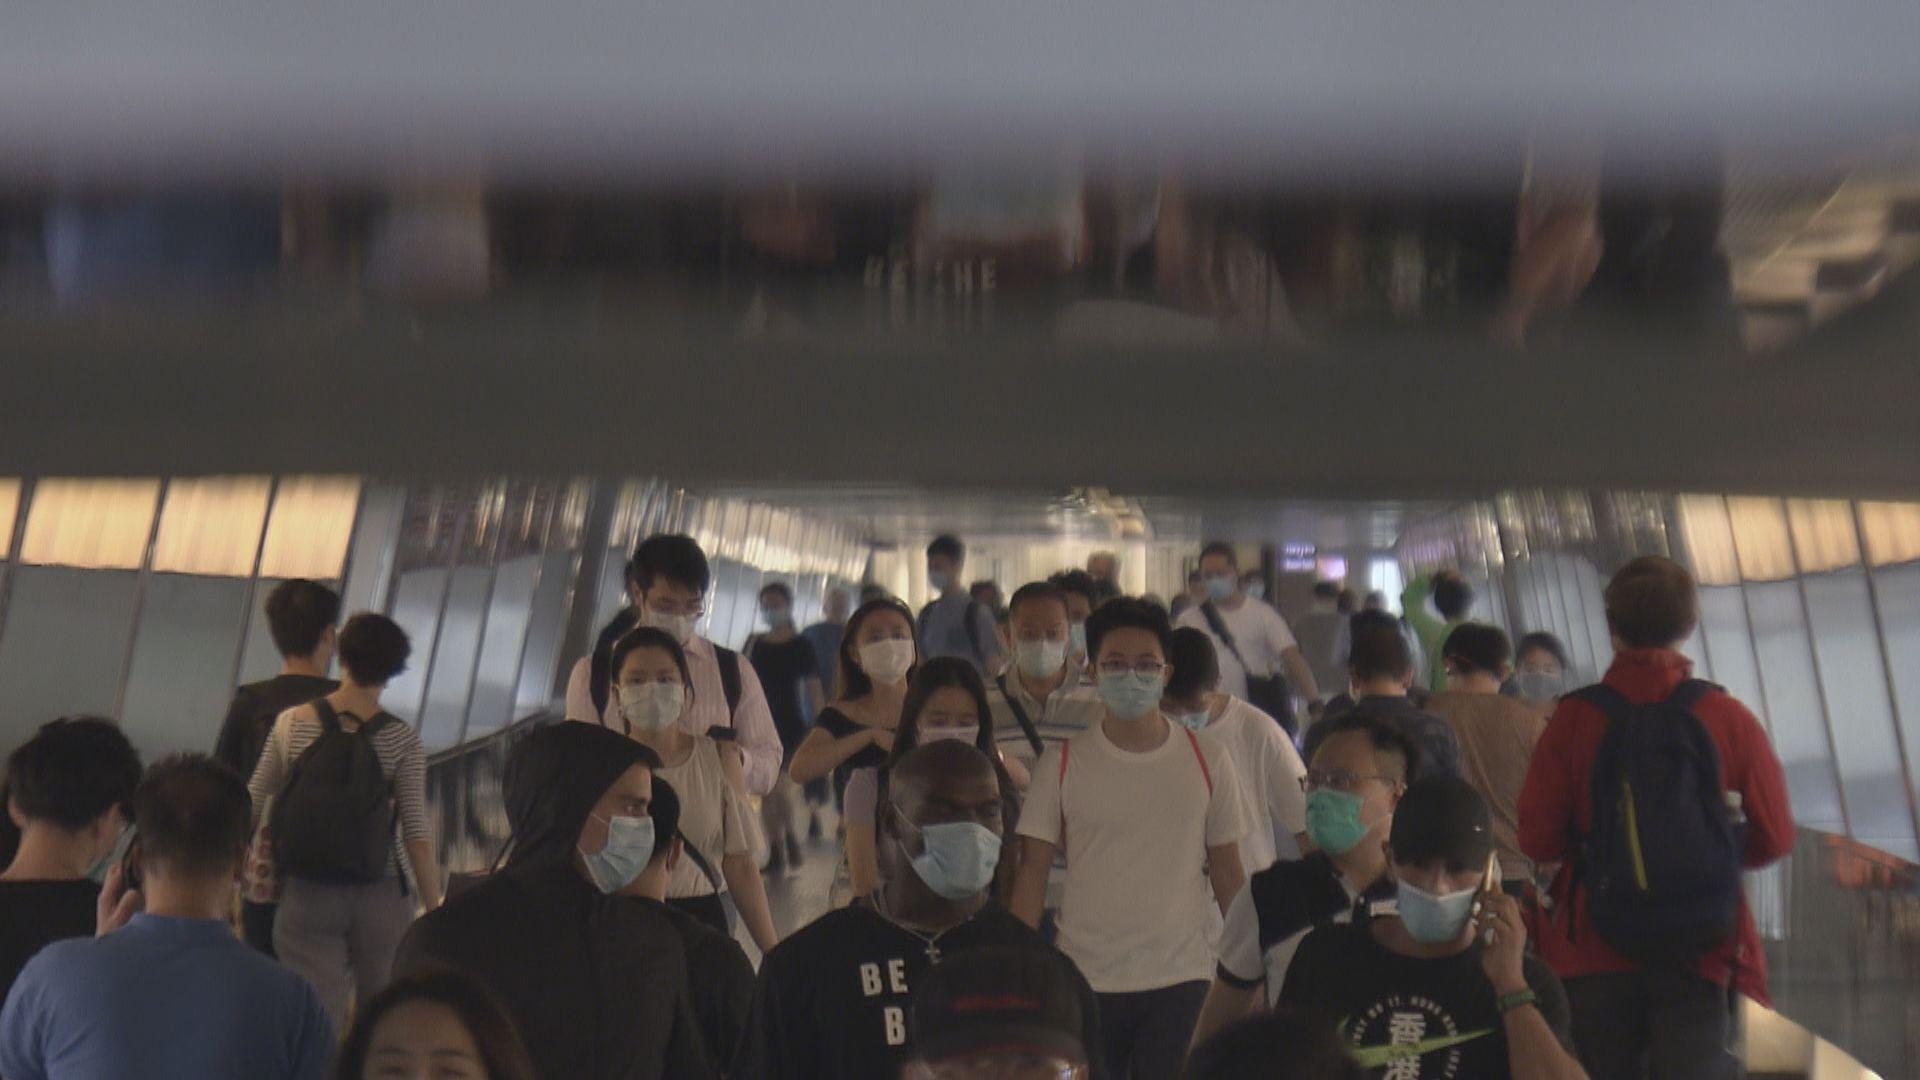 陳茂波:本港經濟初現見底跡象 惟失業率上升